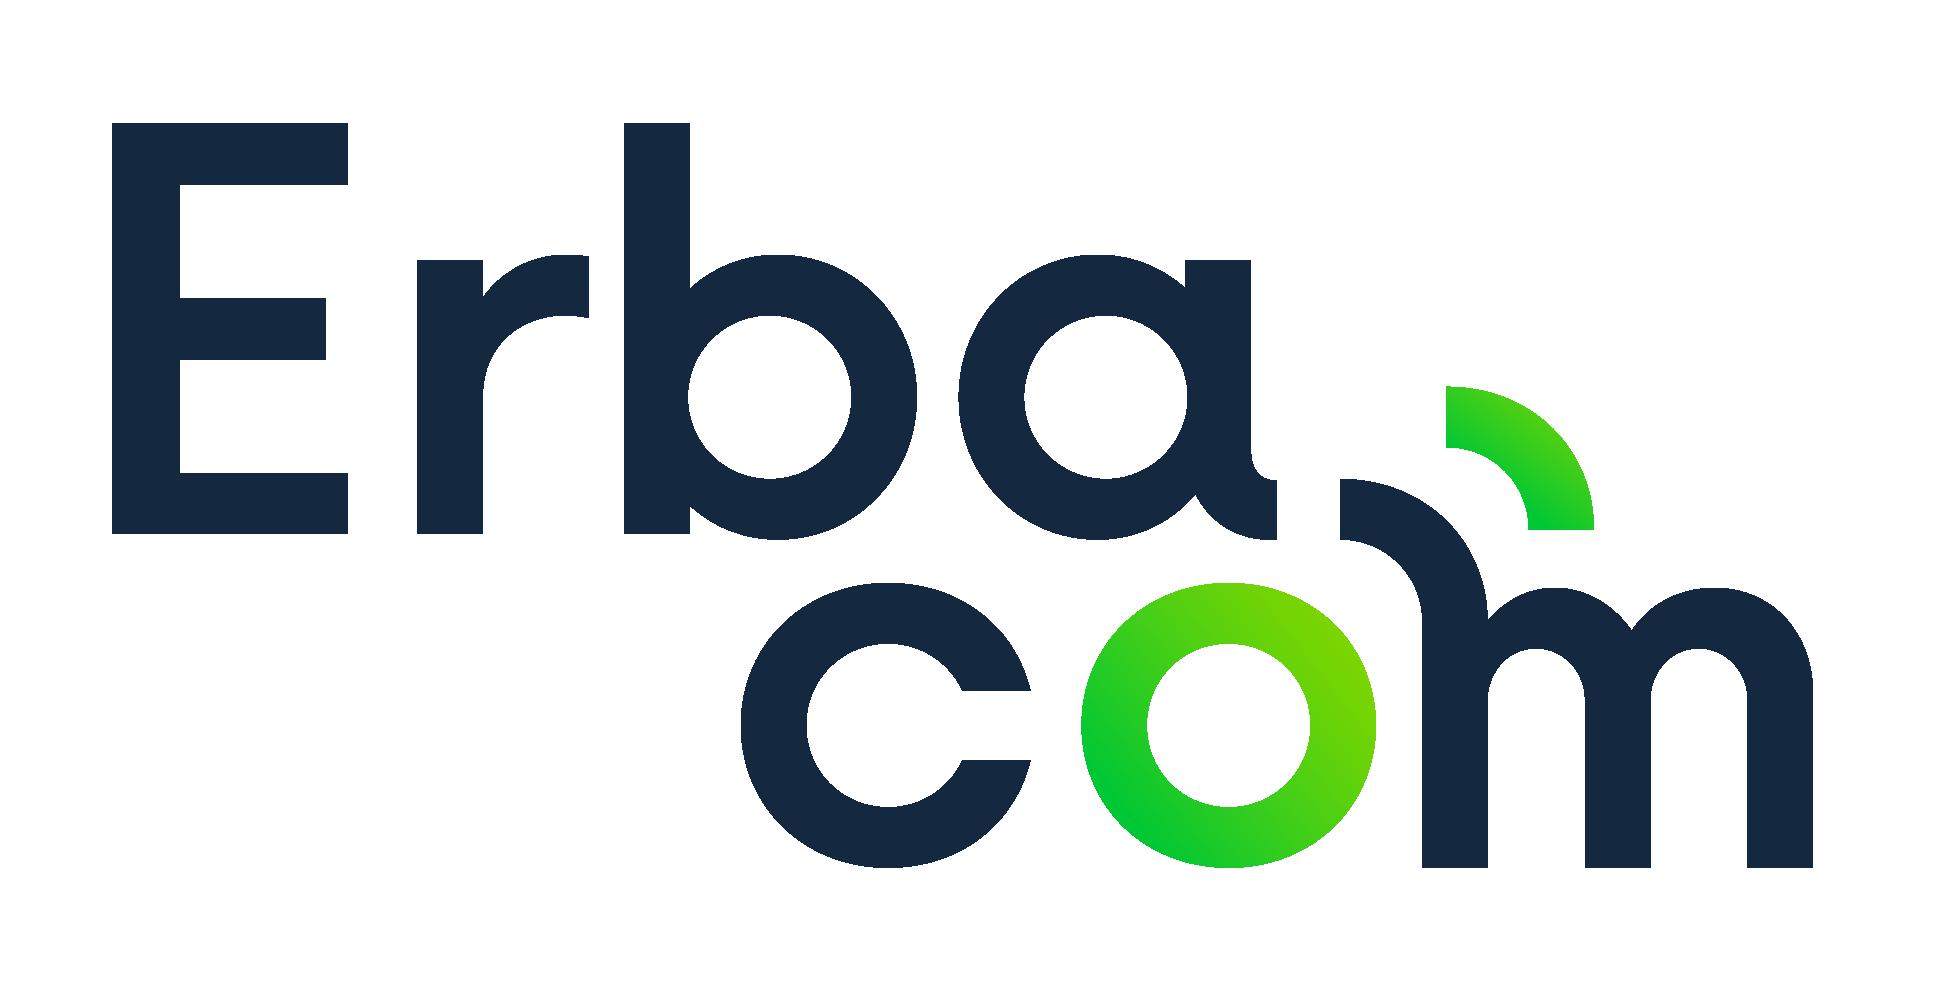 Erbacom